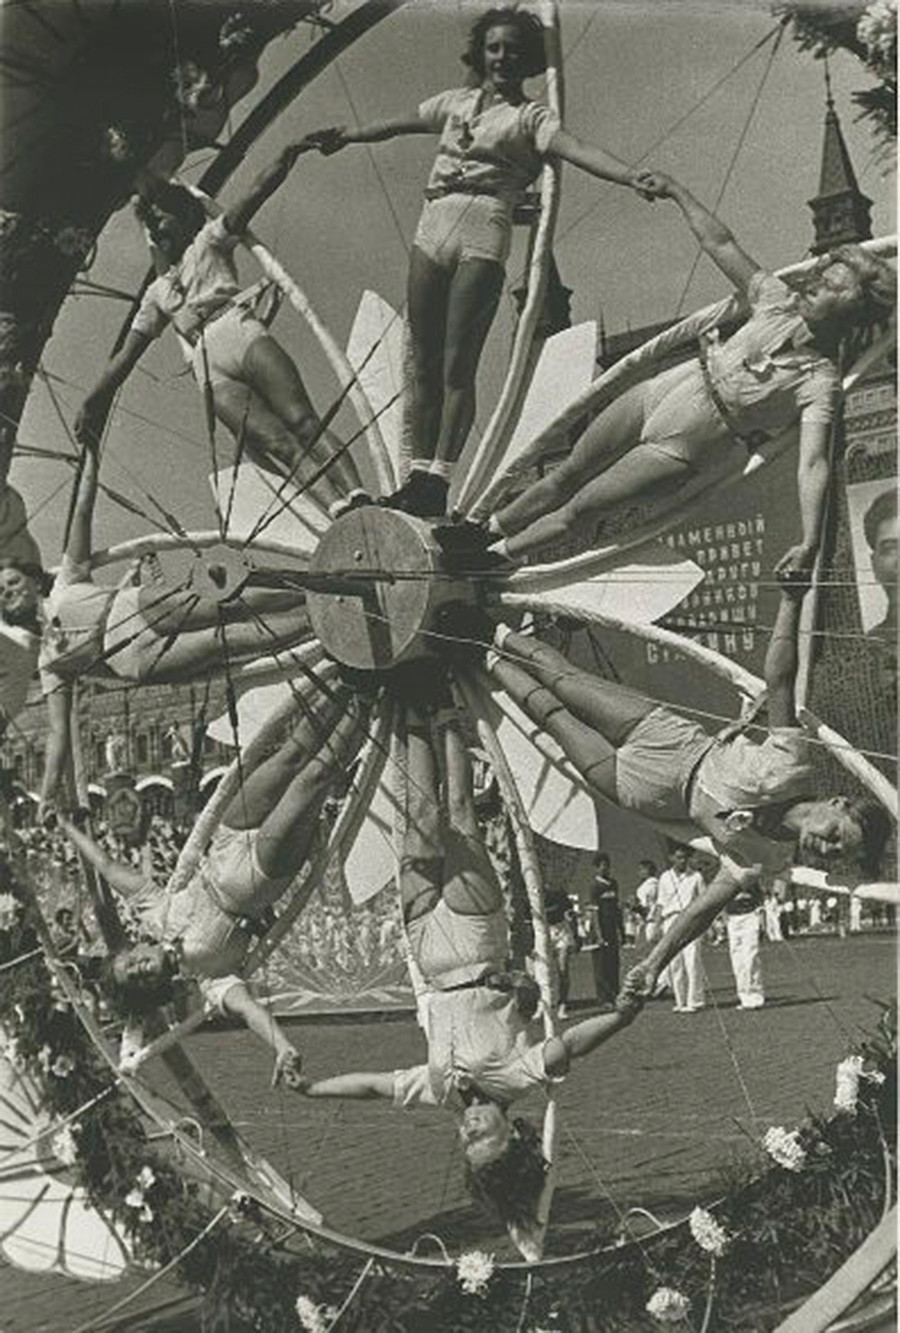 Група гимнастичарки изводи своју тачку, 1936